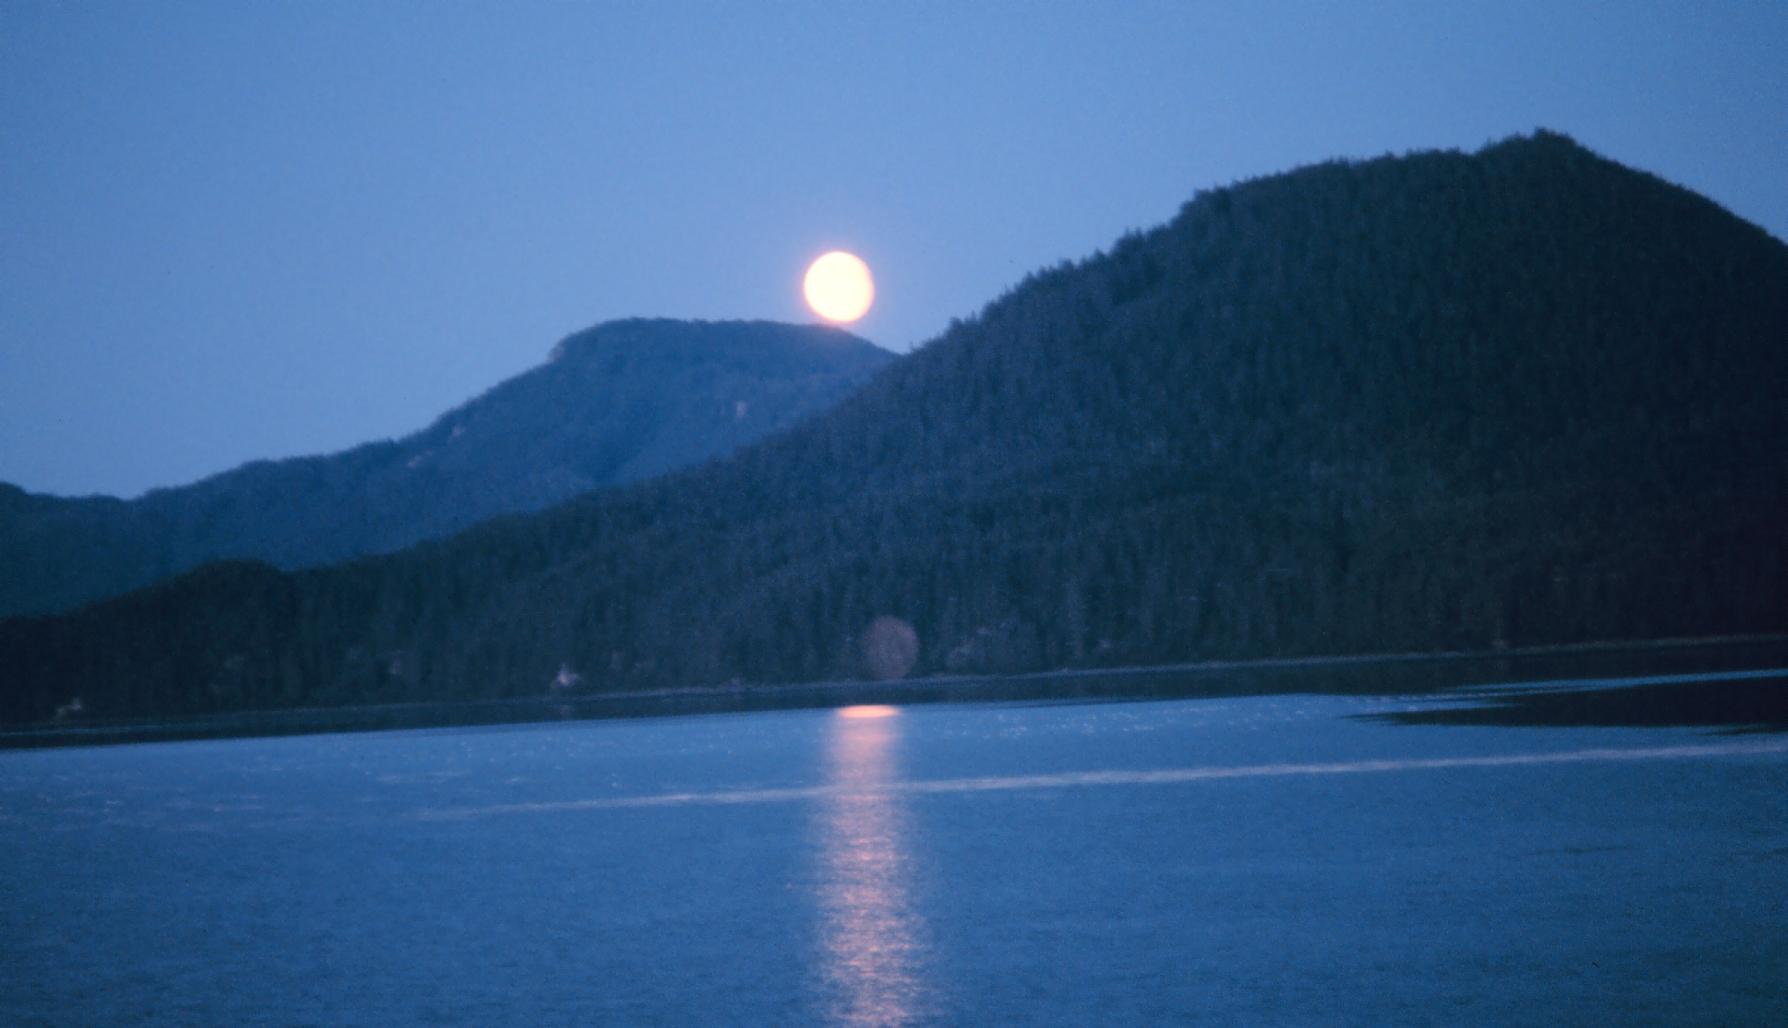 Moonrise on Hobart Bay - Commander John Bortniak